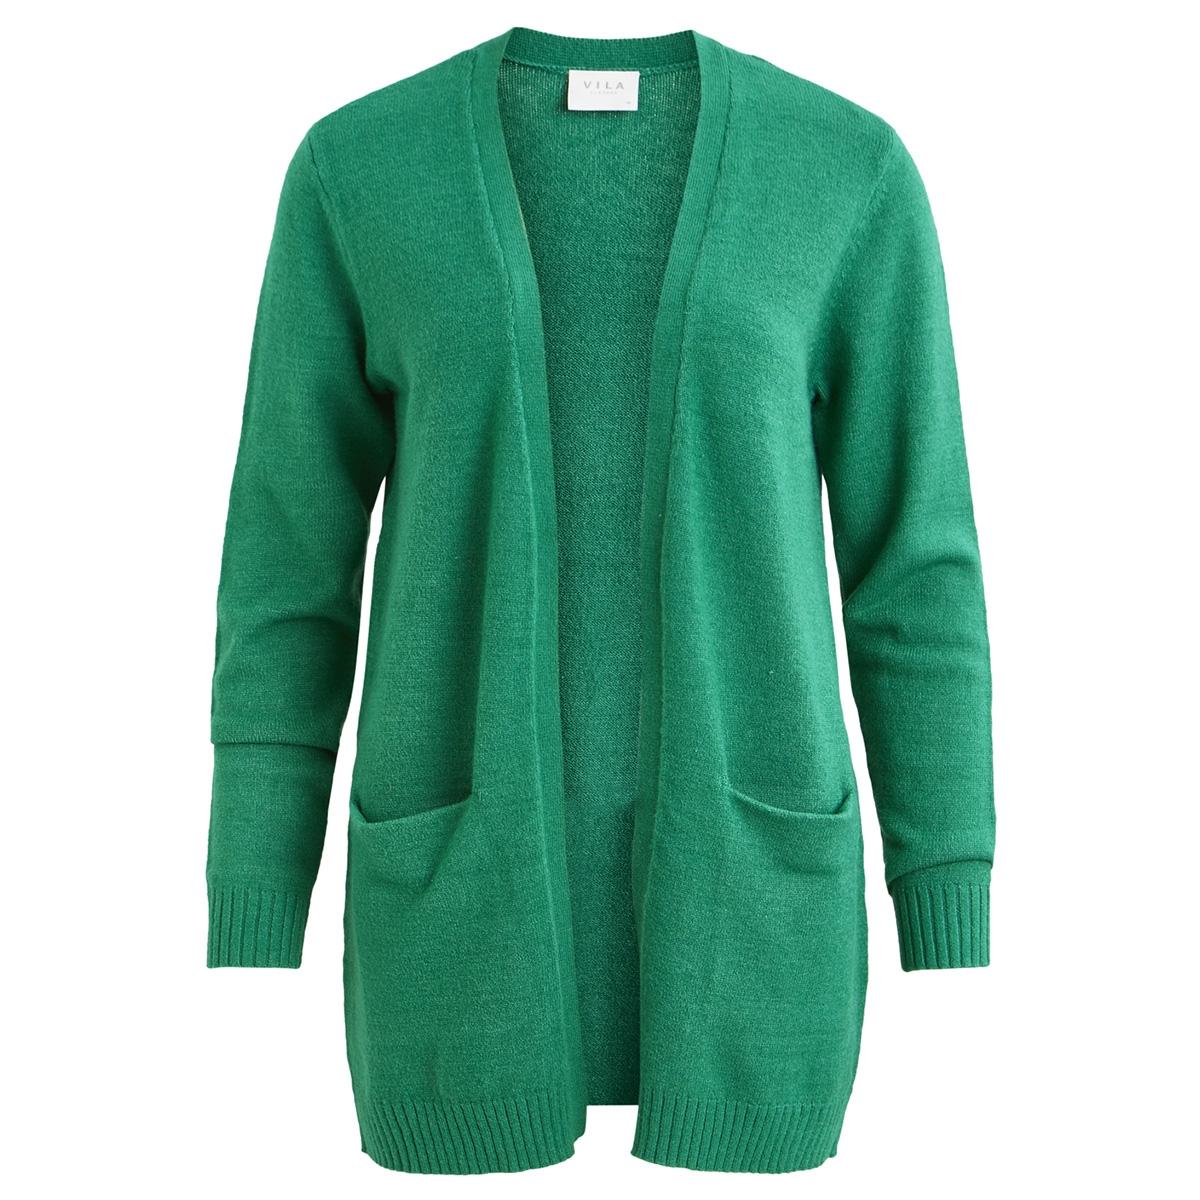 viril l/s  open knit cardigan-fav 14044095 vila vest pepper green/melange